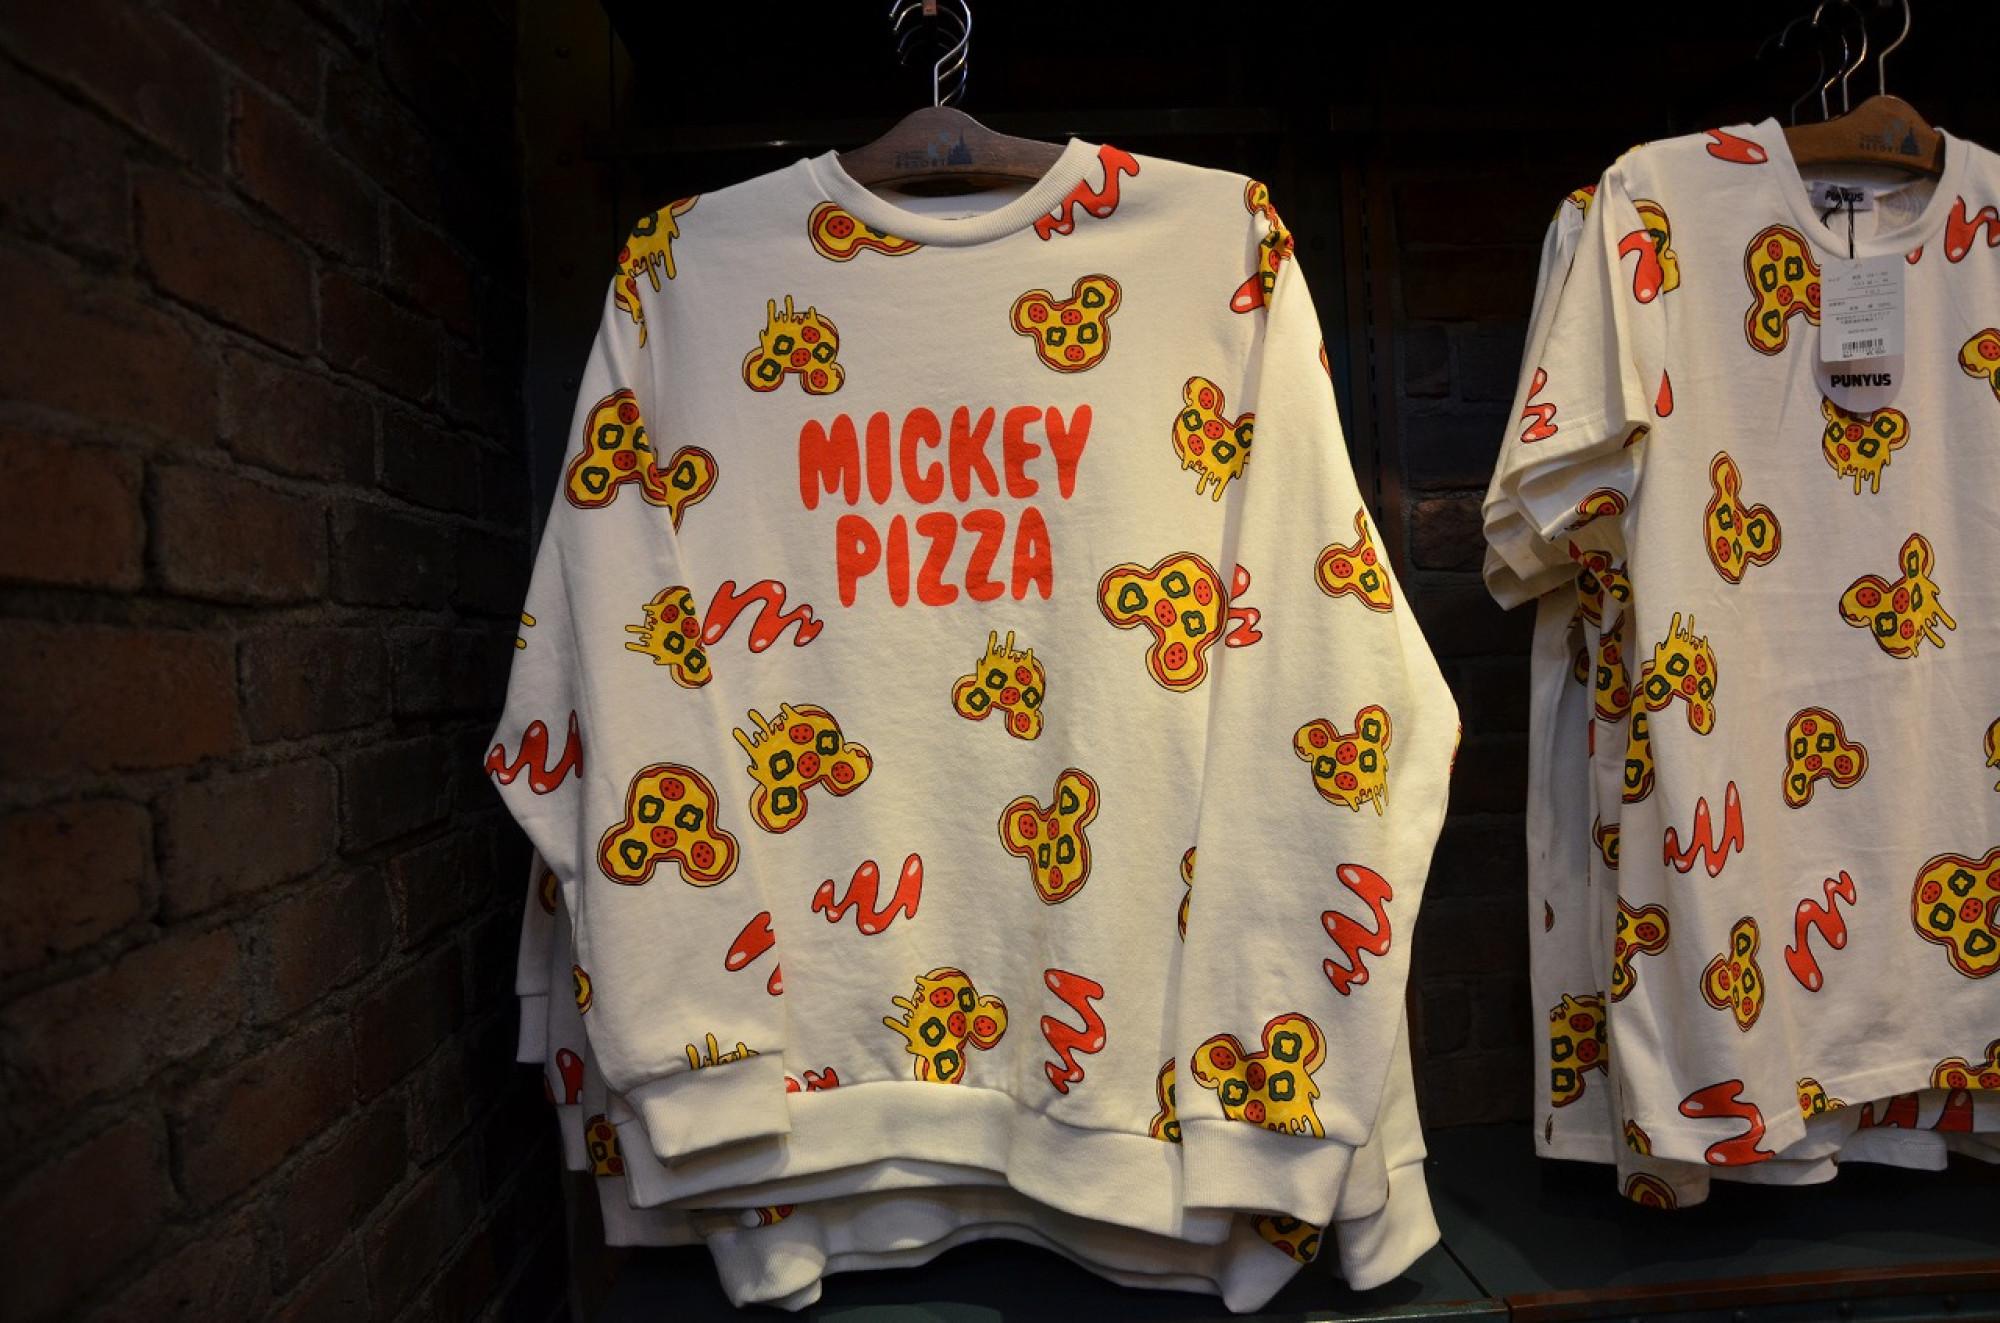 ミッキーピザのトレーナー